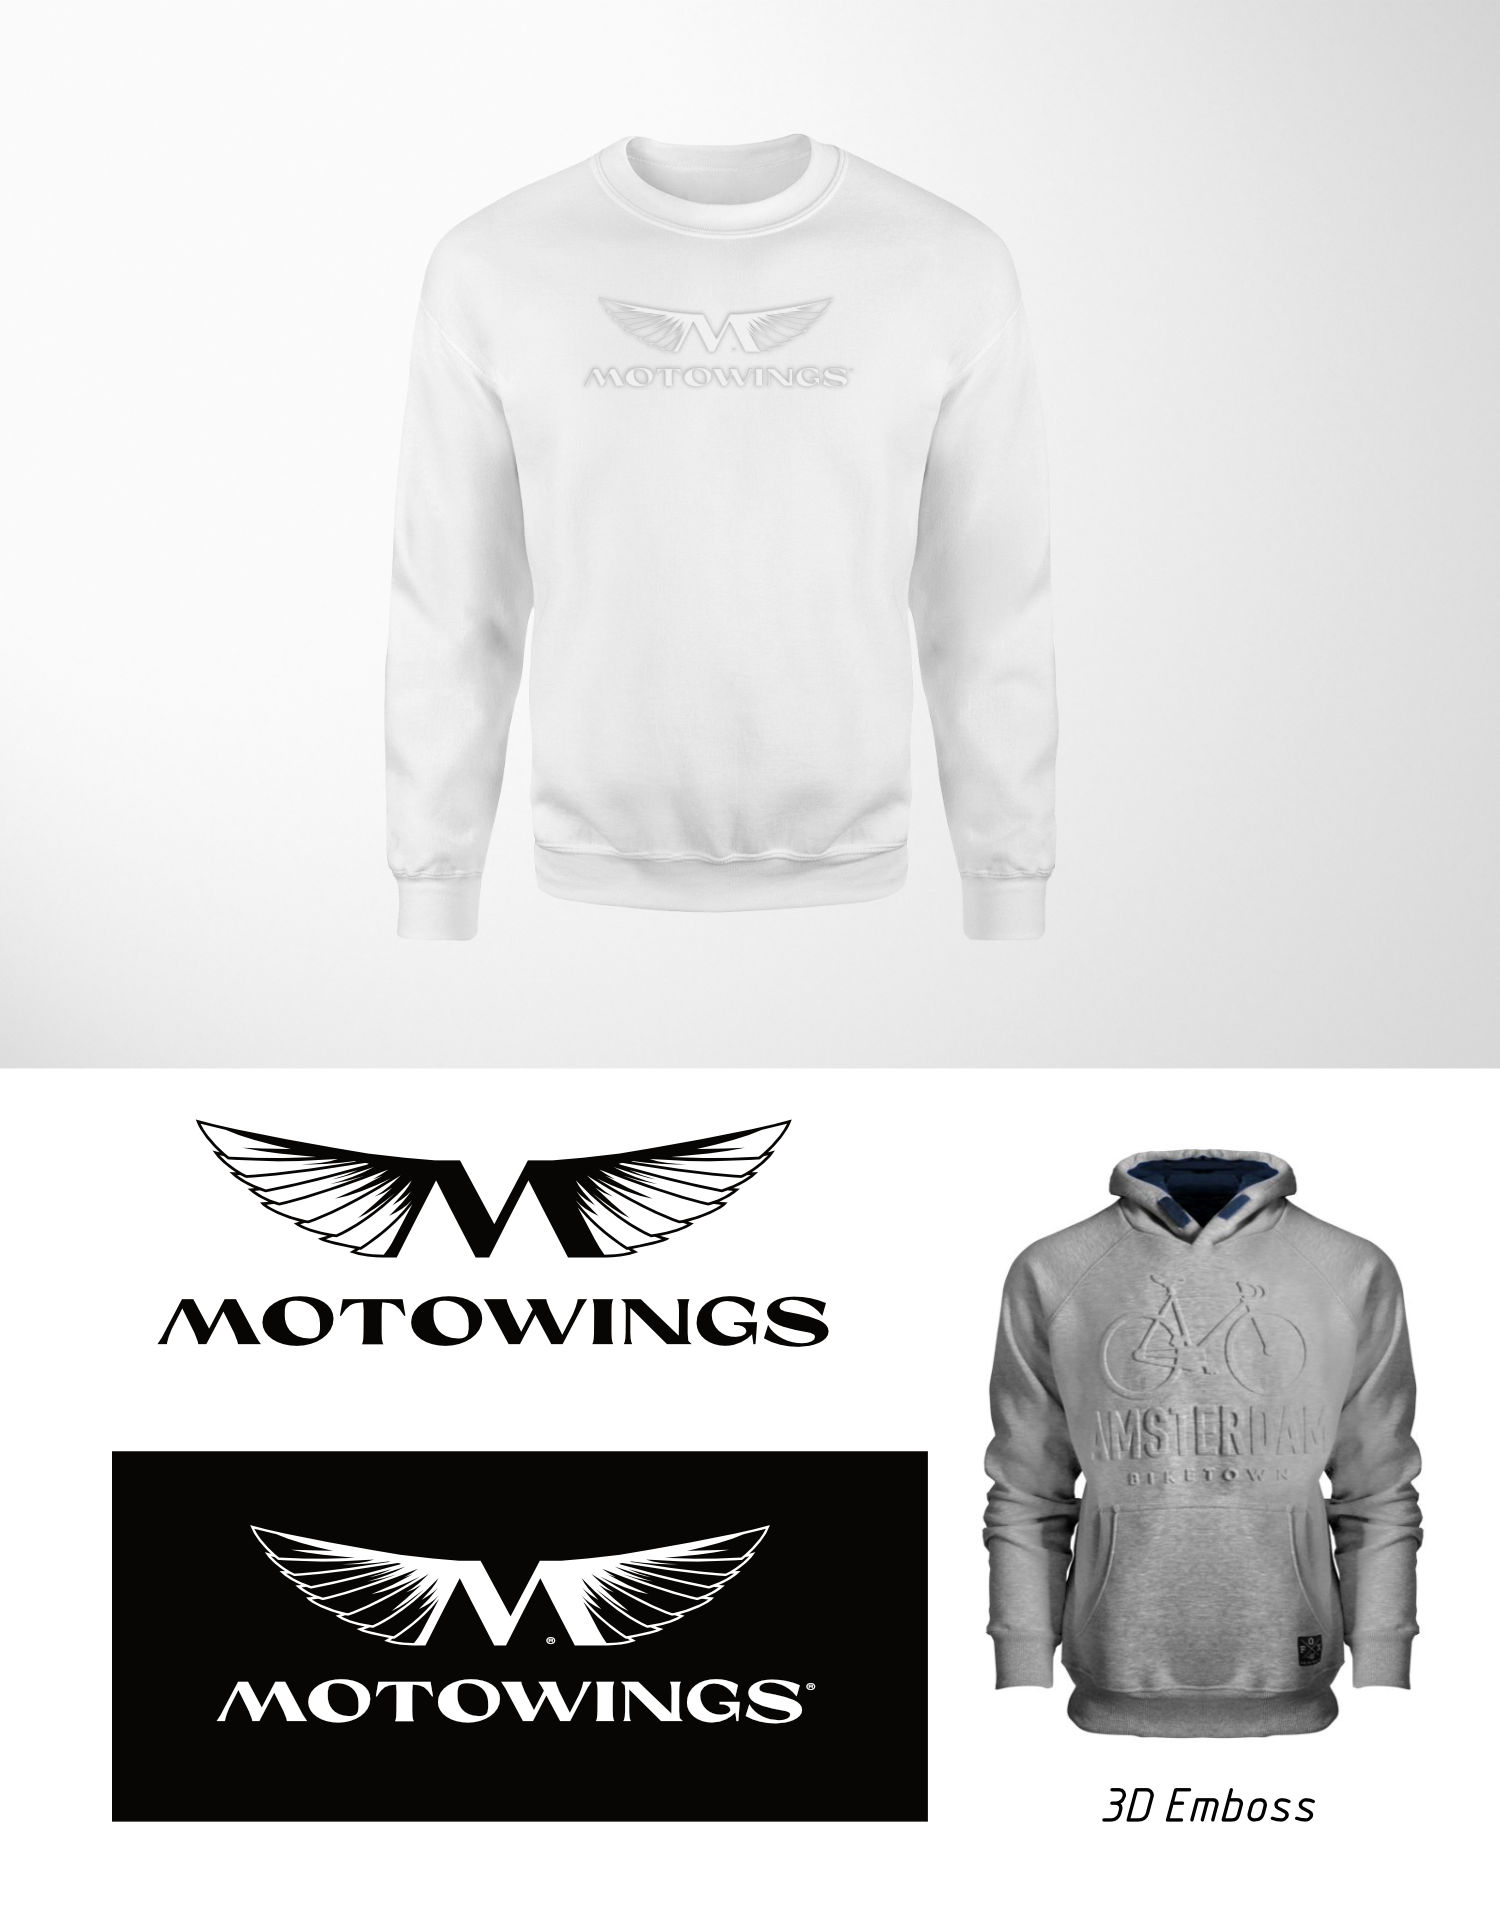 motowings hoodie emboss